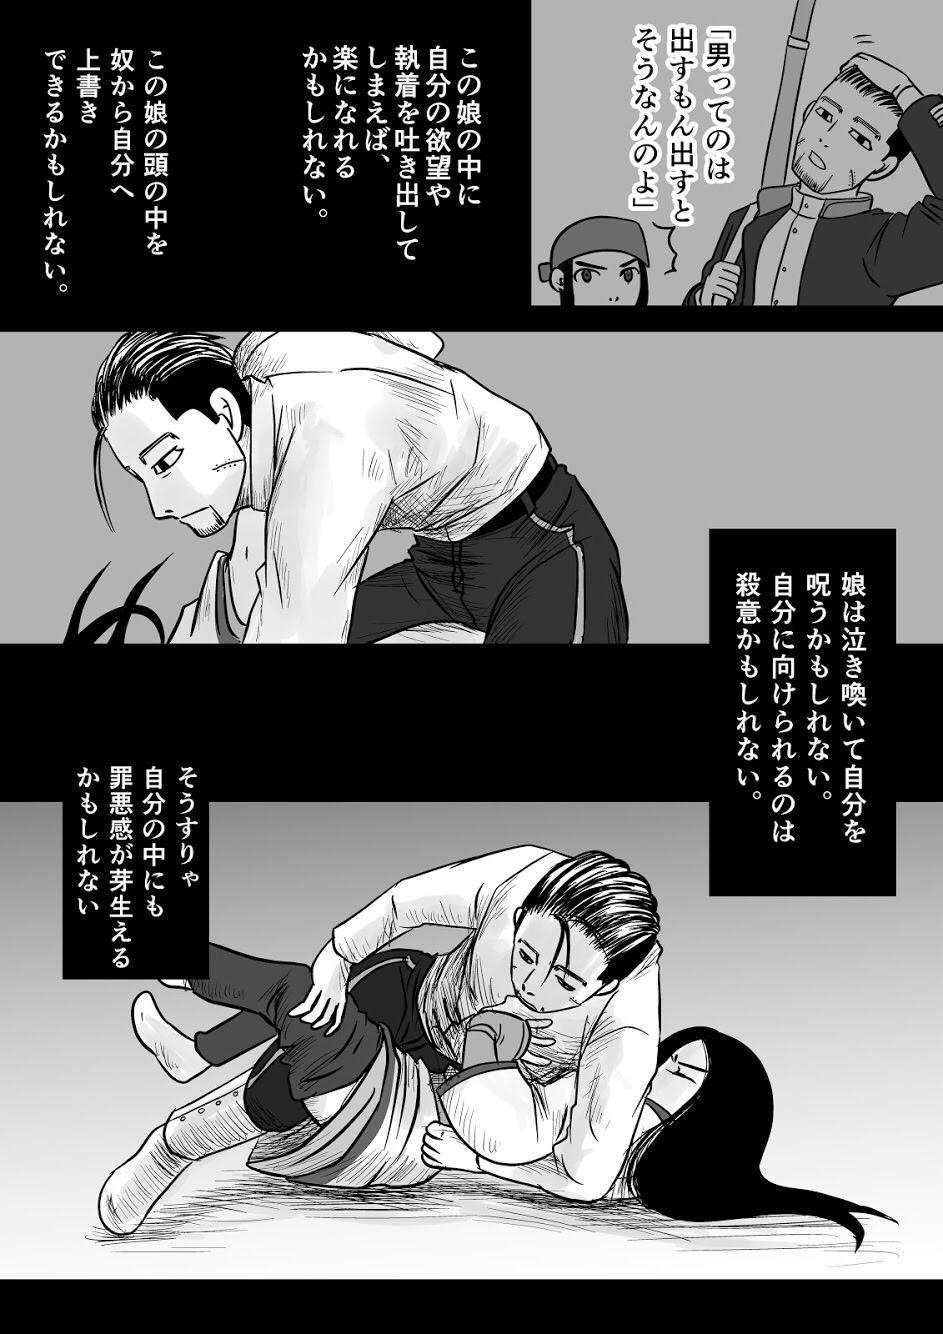 Toko no Koto 31